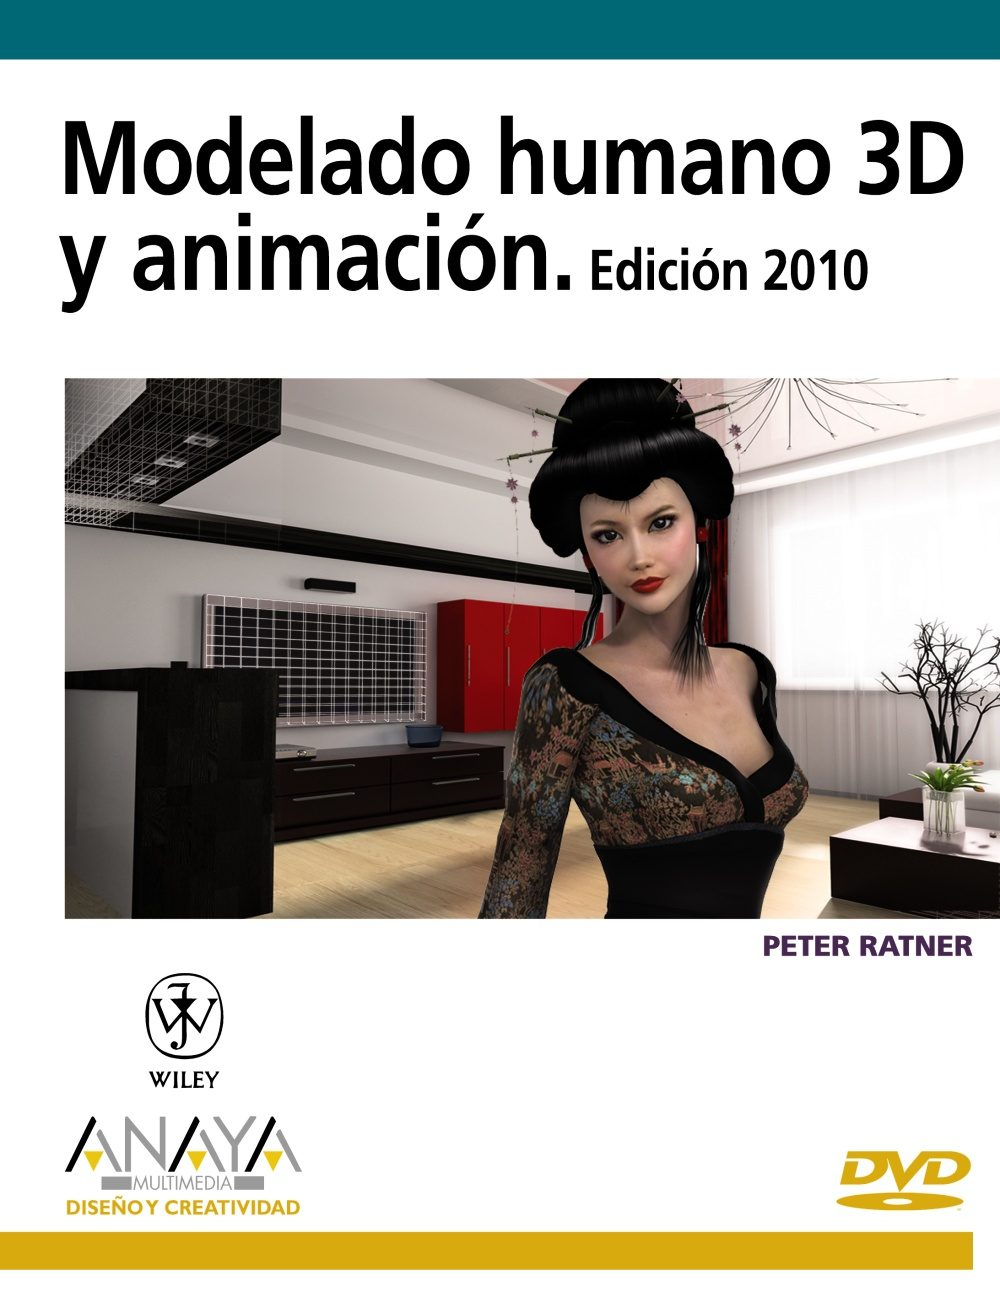 modelado humano y animacion 3d. edicion 2010-peter ratner-9788441526488